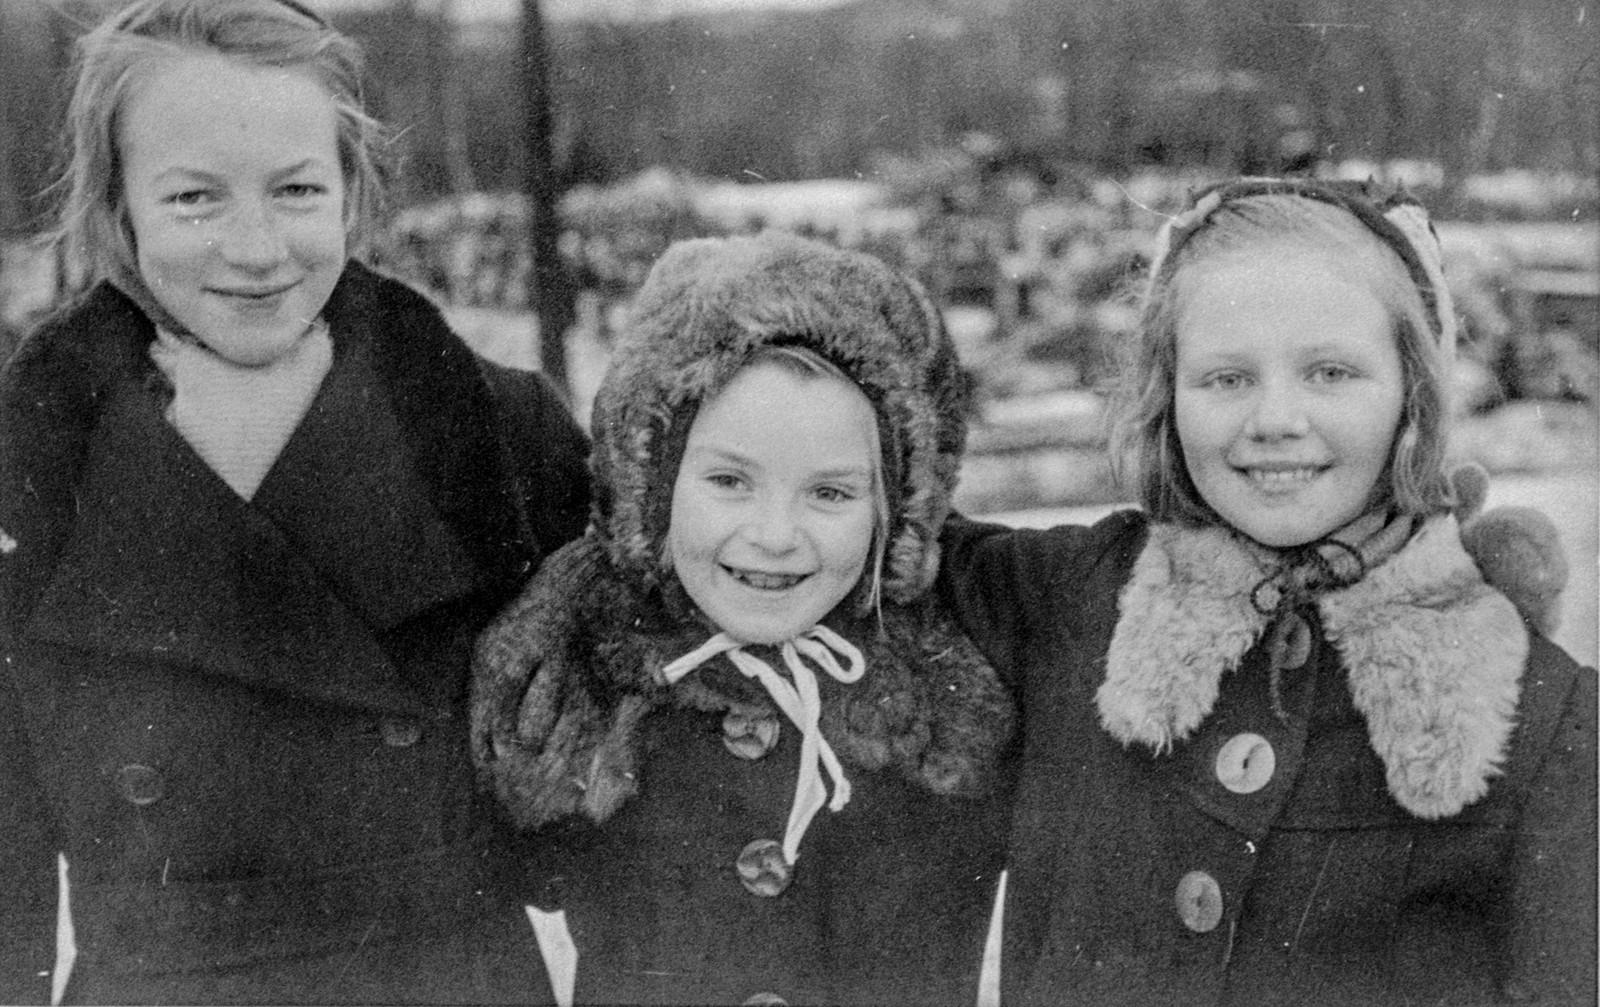 Original bildetekst: Tre småjenter fotografert etter at de hadde sett de norske troppene rykke inn i Kirkenes i begynnelsen av november 1944. De lykkelige smilene feier bort alle tegn på de strabaser som befolkningen i Kirkenes-området måtte gjennomgå før tyskerne ble jaget ut.